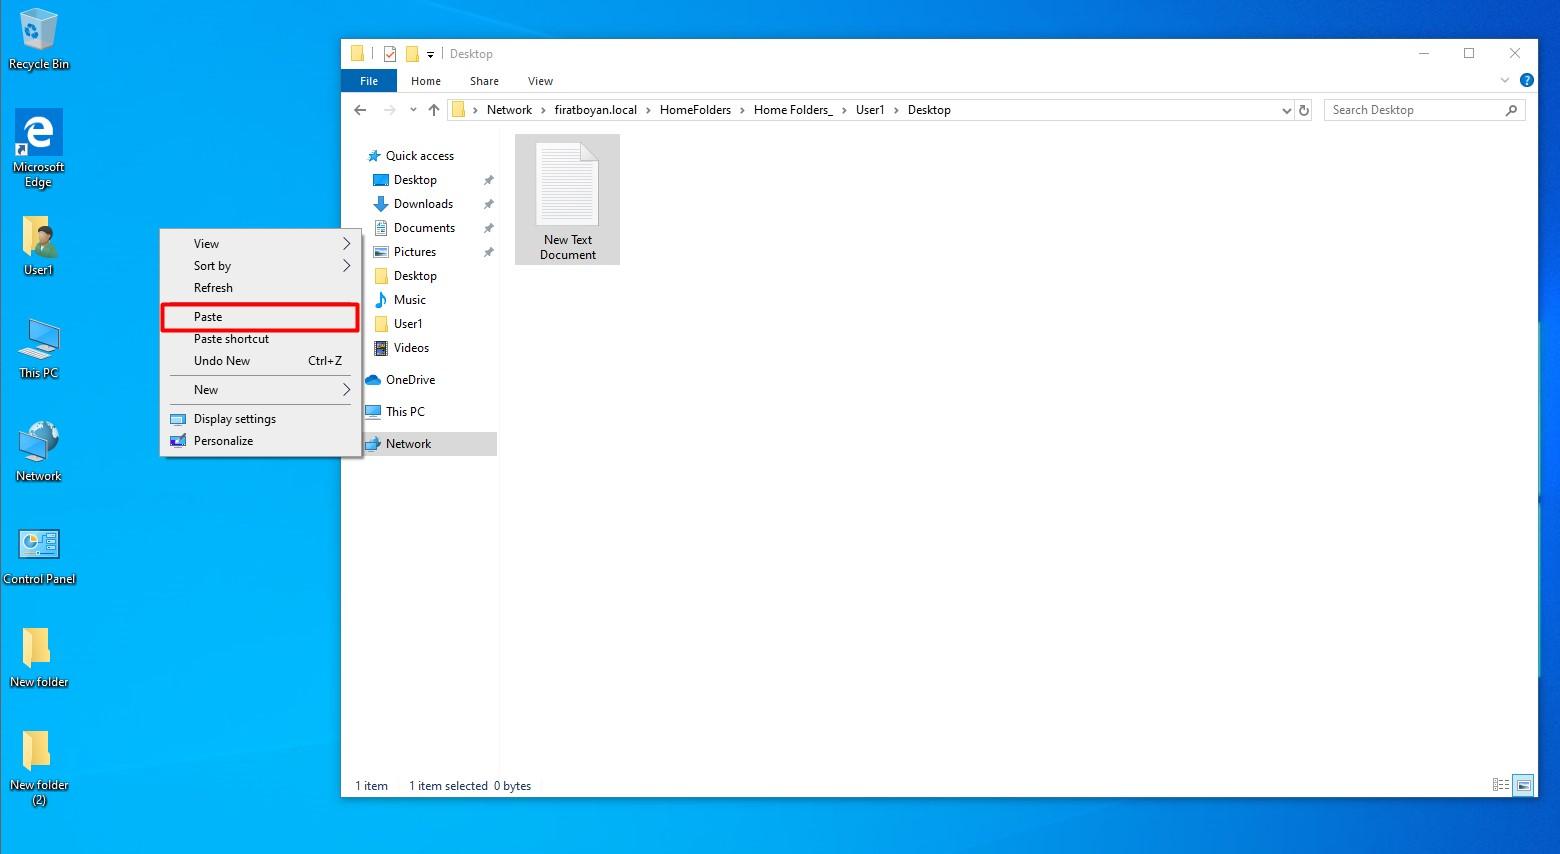 PreventTOsaveOnDesktop